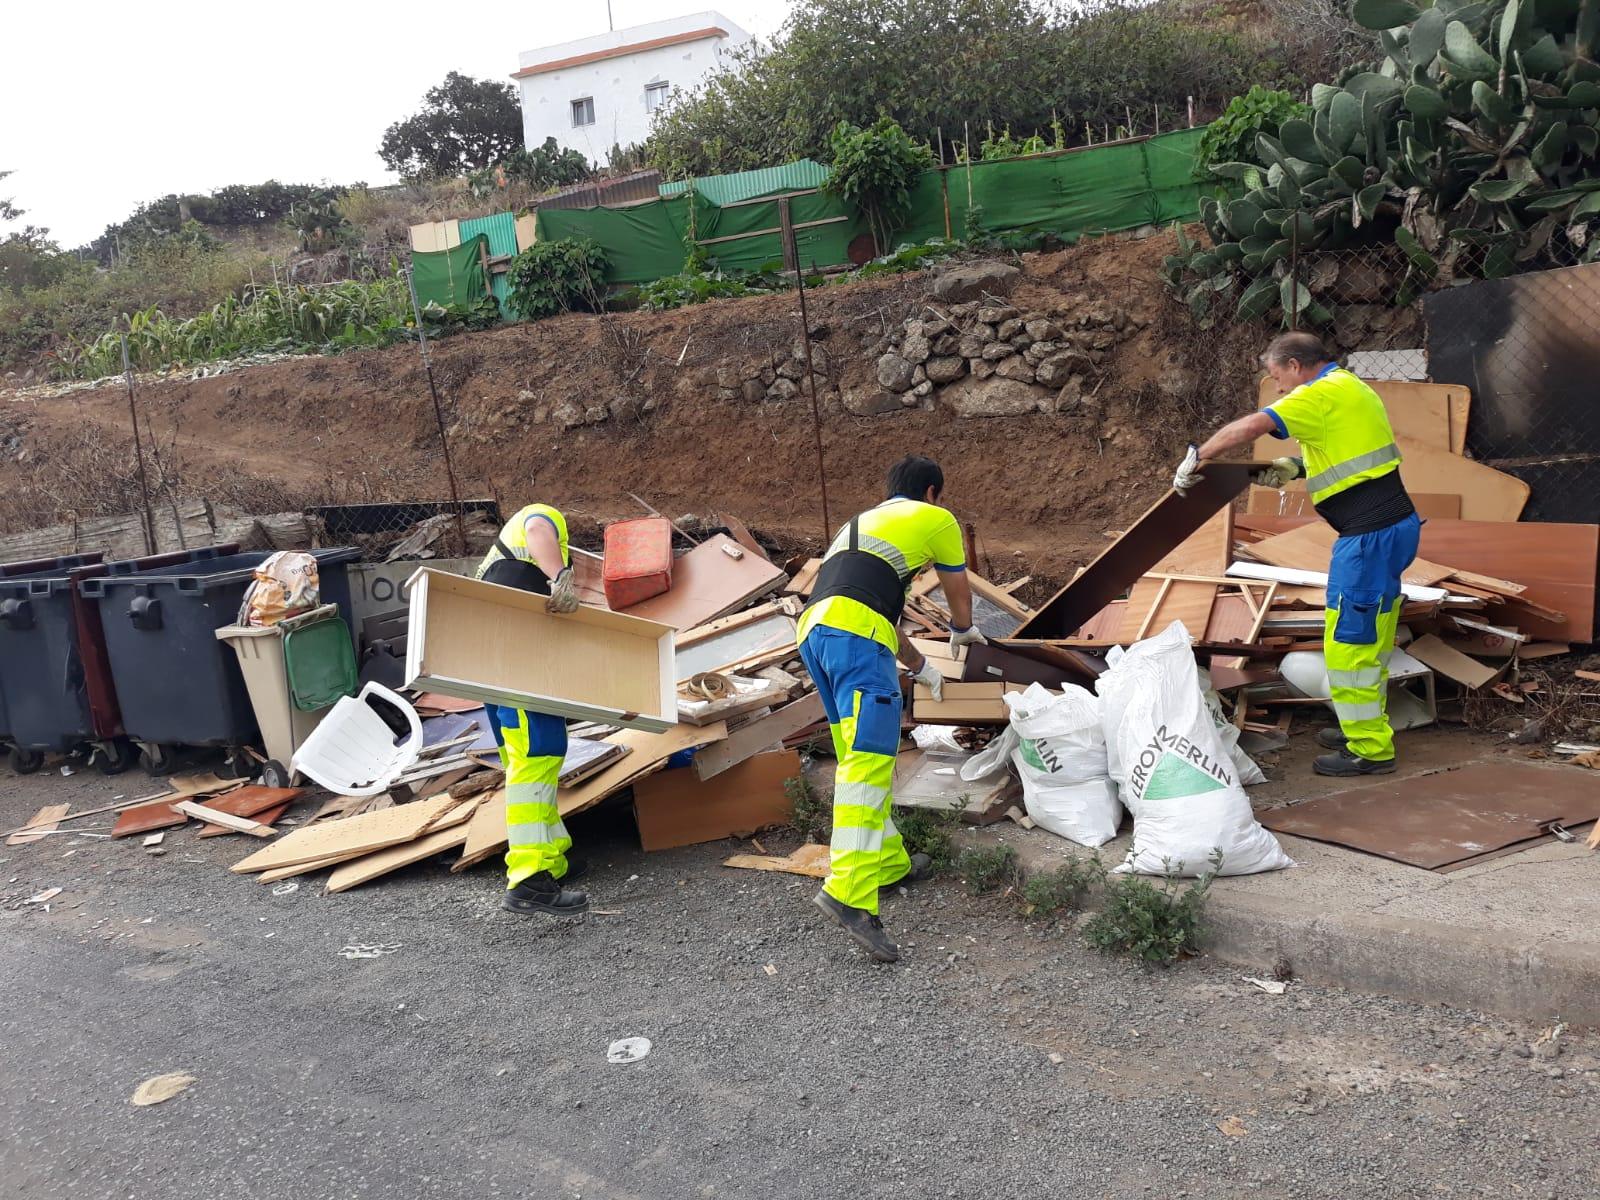 Servicio de Limpieza. Las Palmas de Gran Canaria